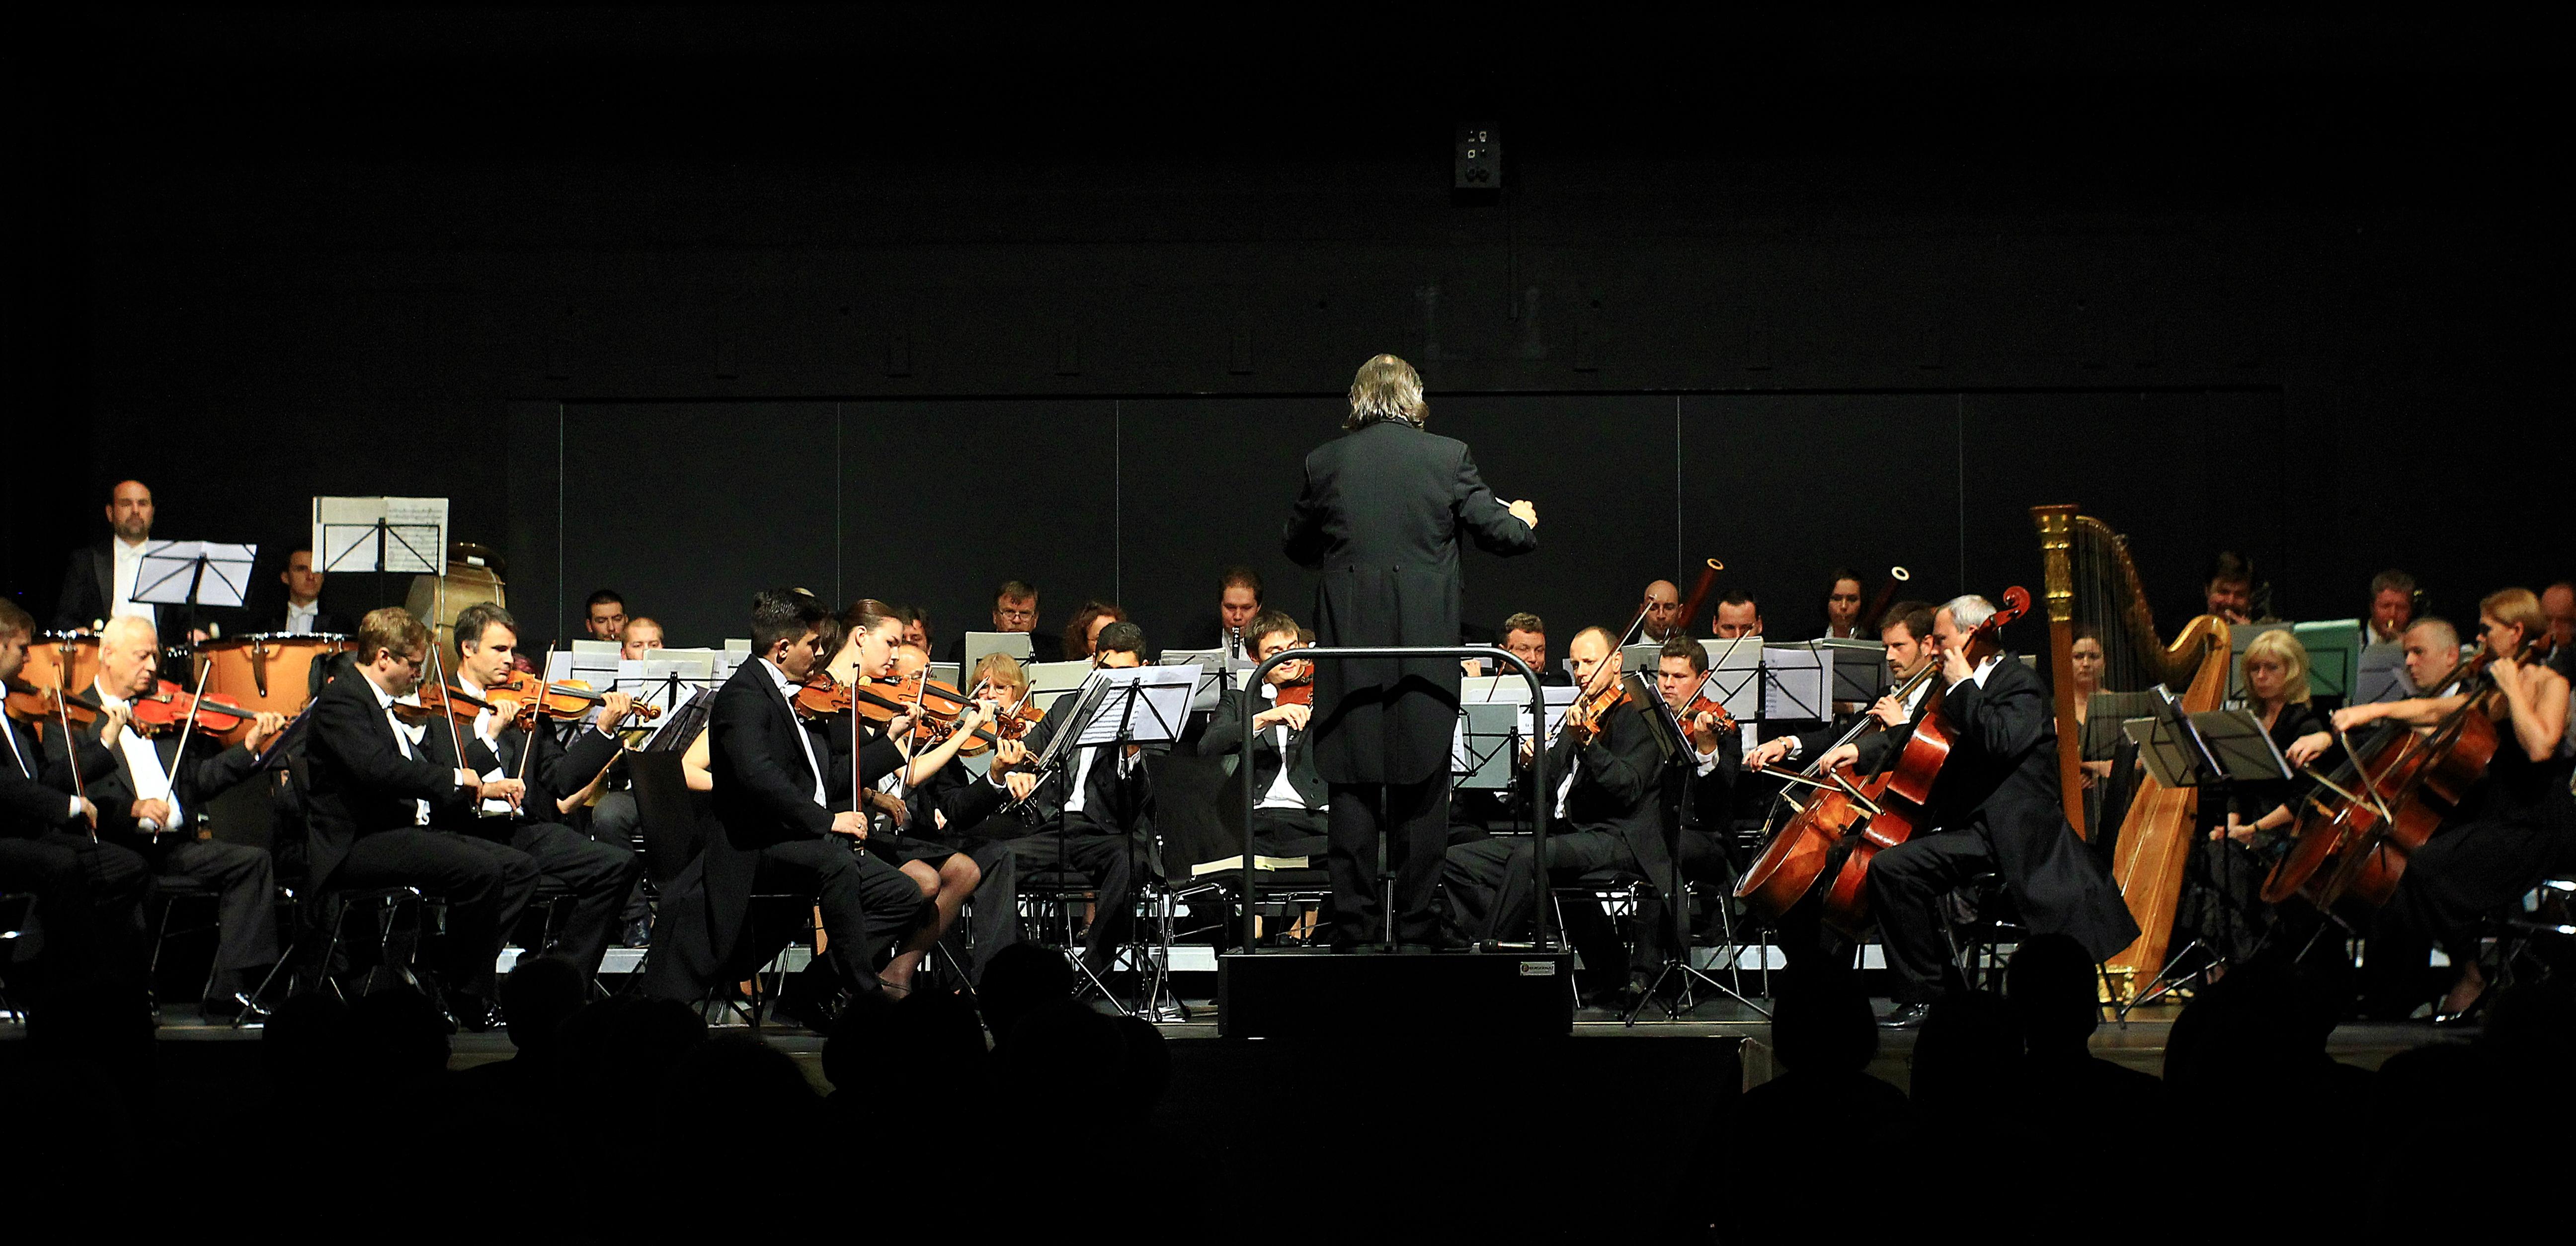 Chefdirigent Hans Richter leitet die Smetana Philharmoniker Prag bei der Operngala